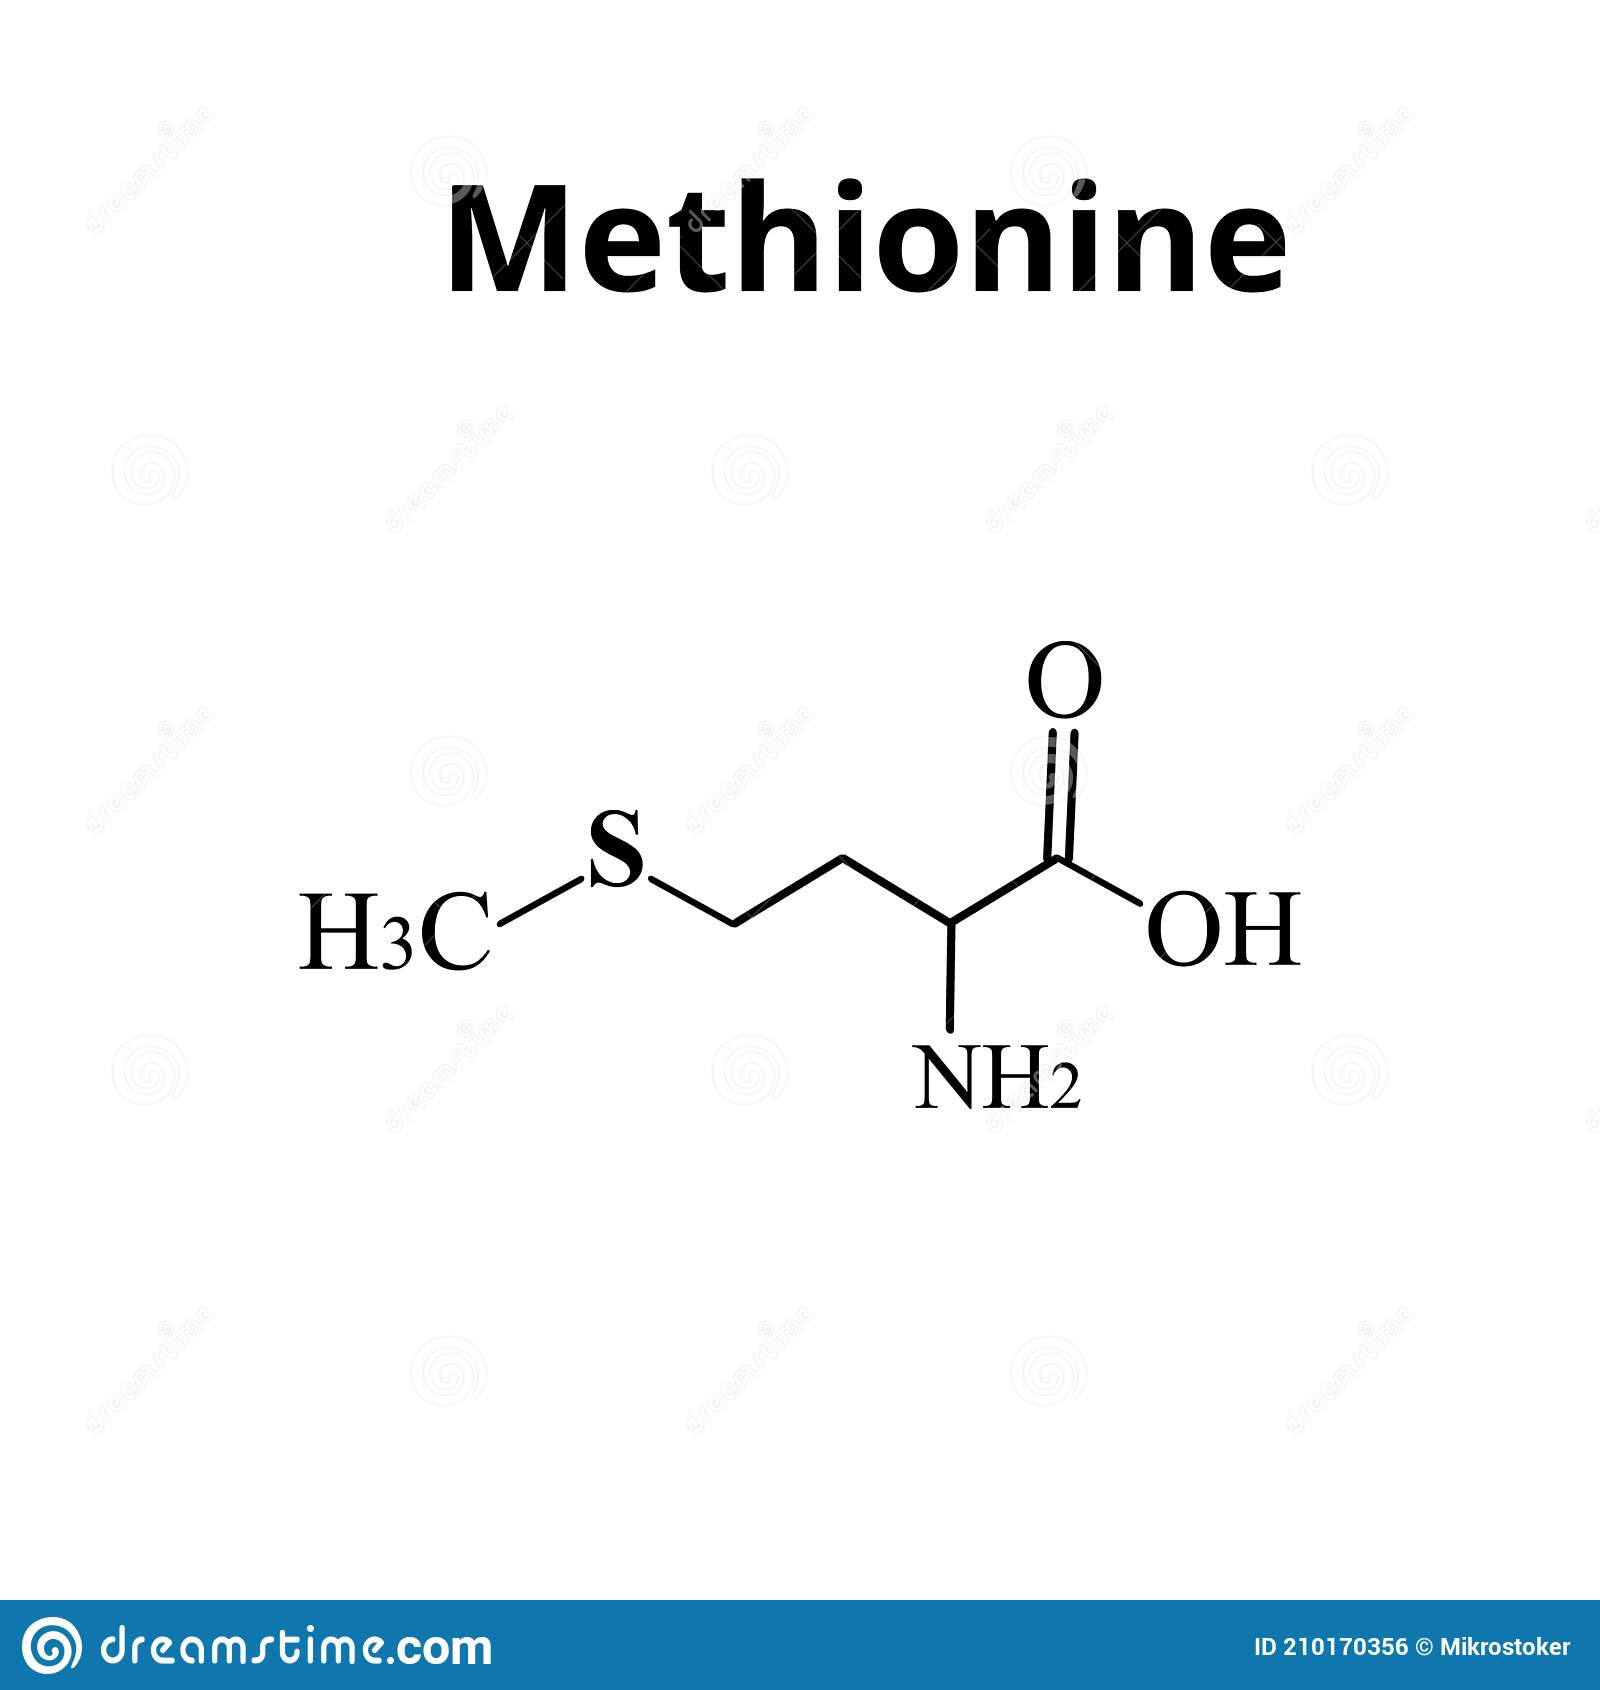 La Metionina Es Un Aminoácido Fórmula Molecular Química De Aminoácido Metionina Ilustración Vectorial En Aislado Ilustración Del Vector Ilustración De Metionina Metabolismo 210170356